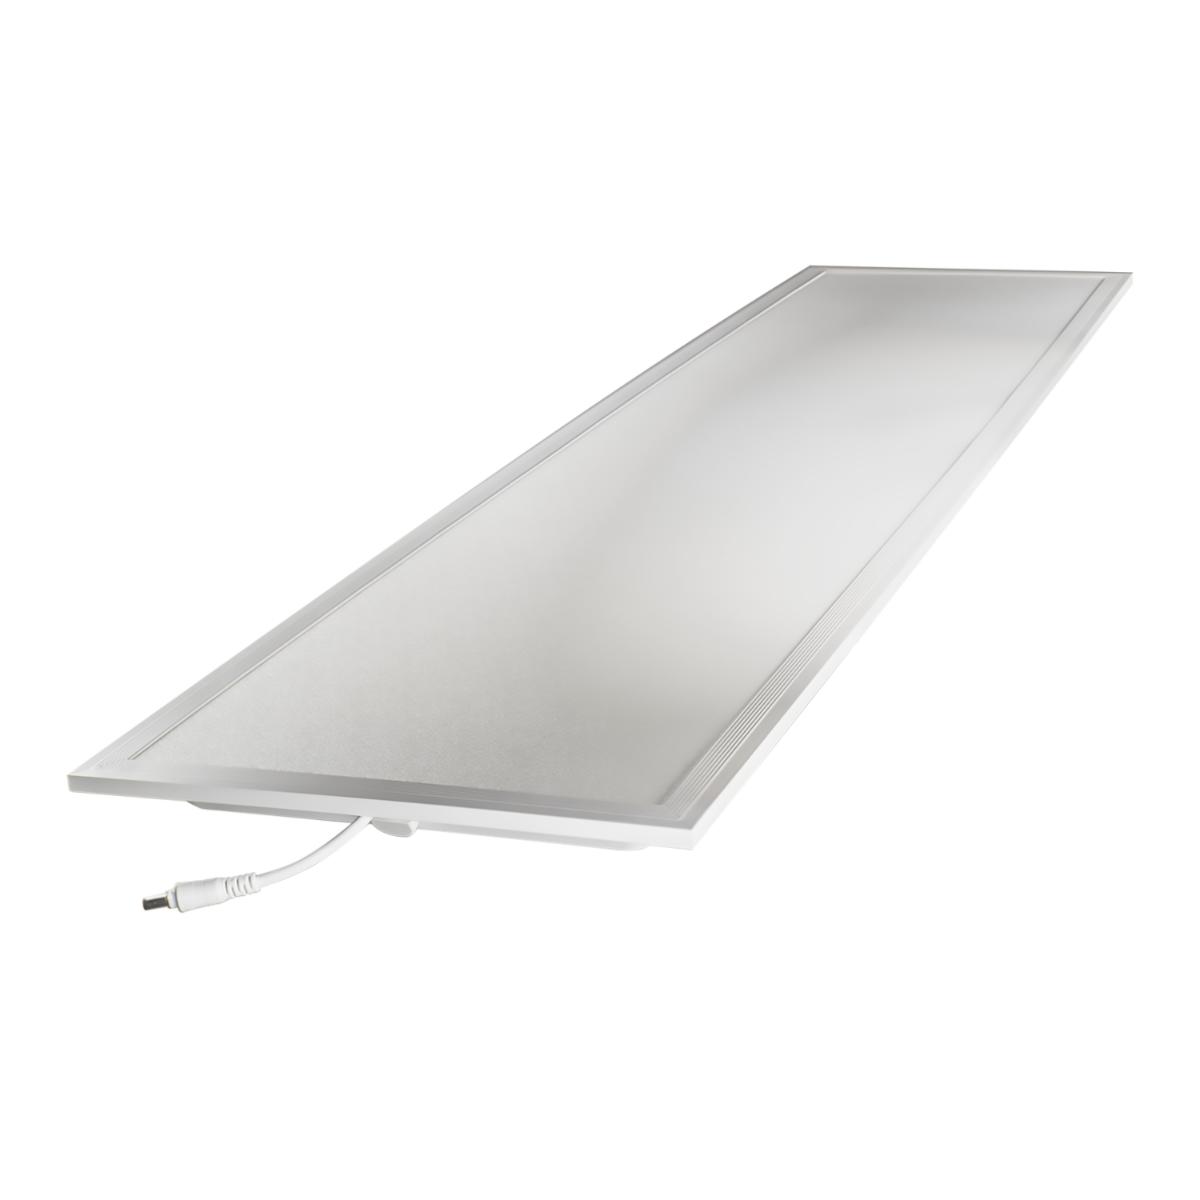 Noxion Panel LED Econox 32W 30x120cm 4000K 4400lm UGR <22 | Blanco Frio - Reemplazo 2x36W